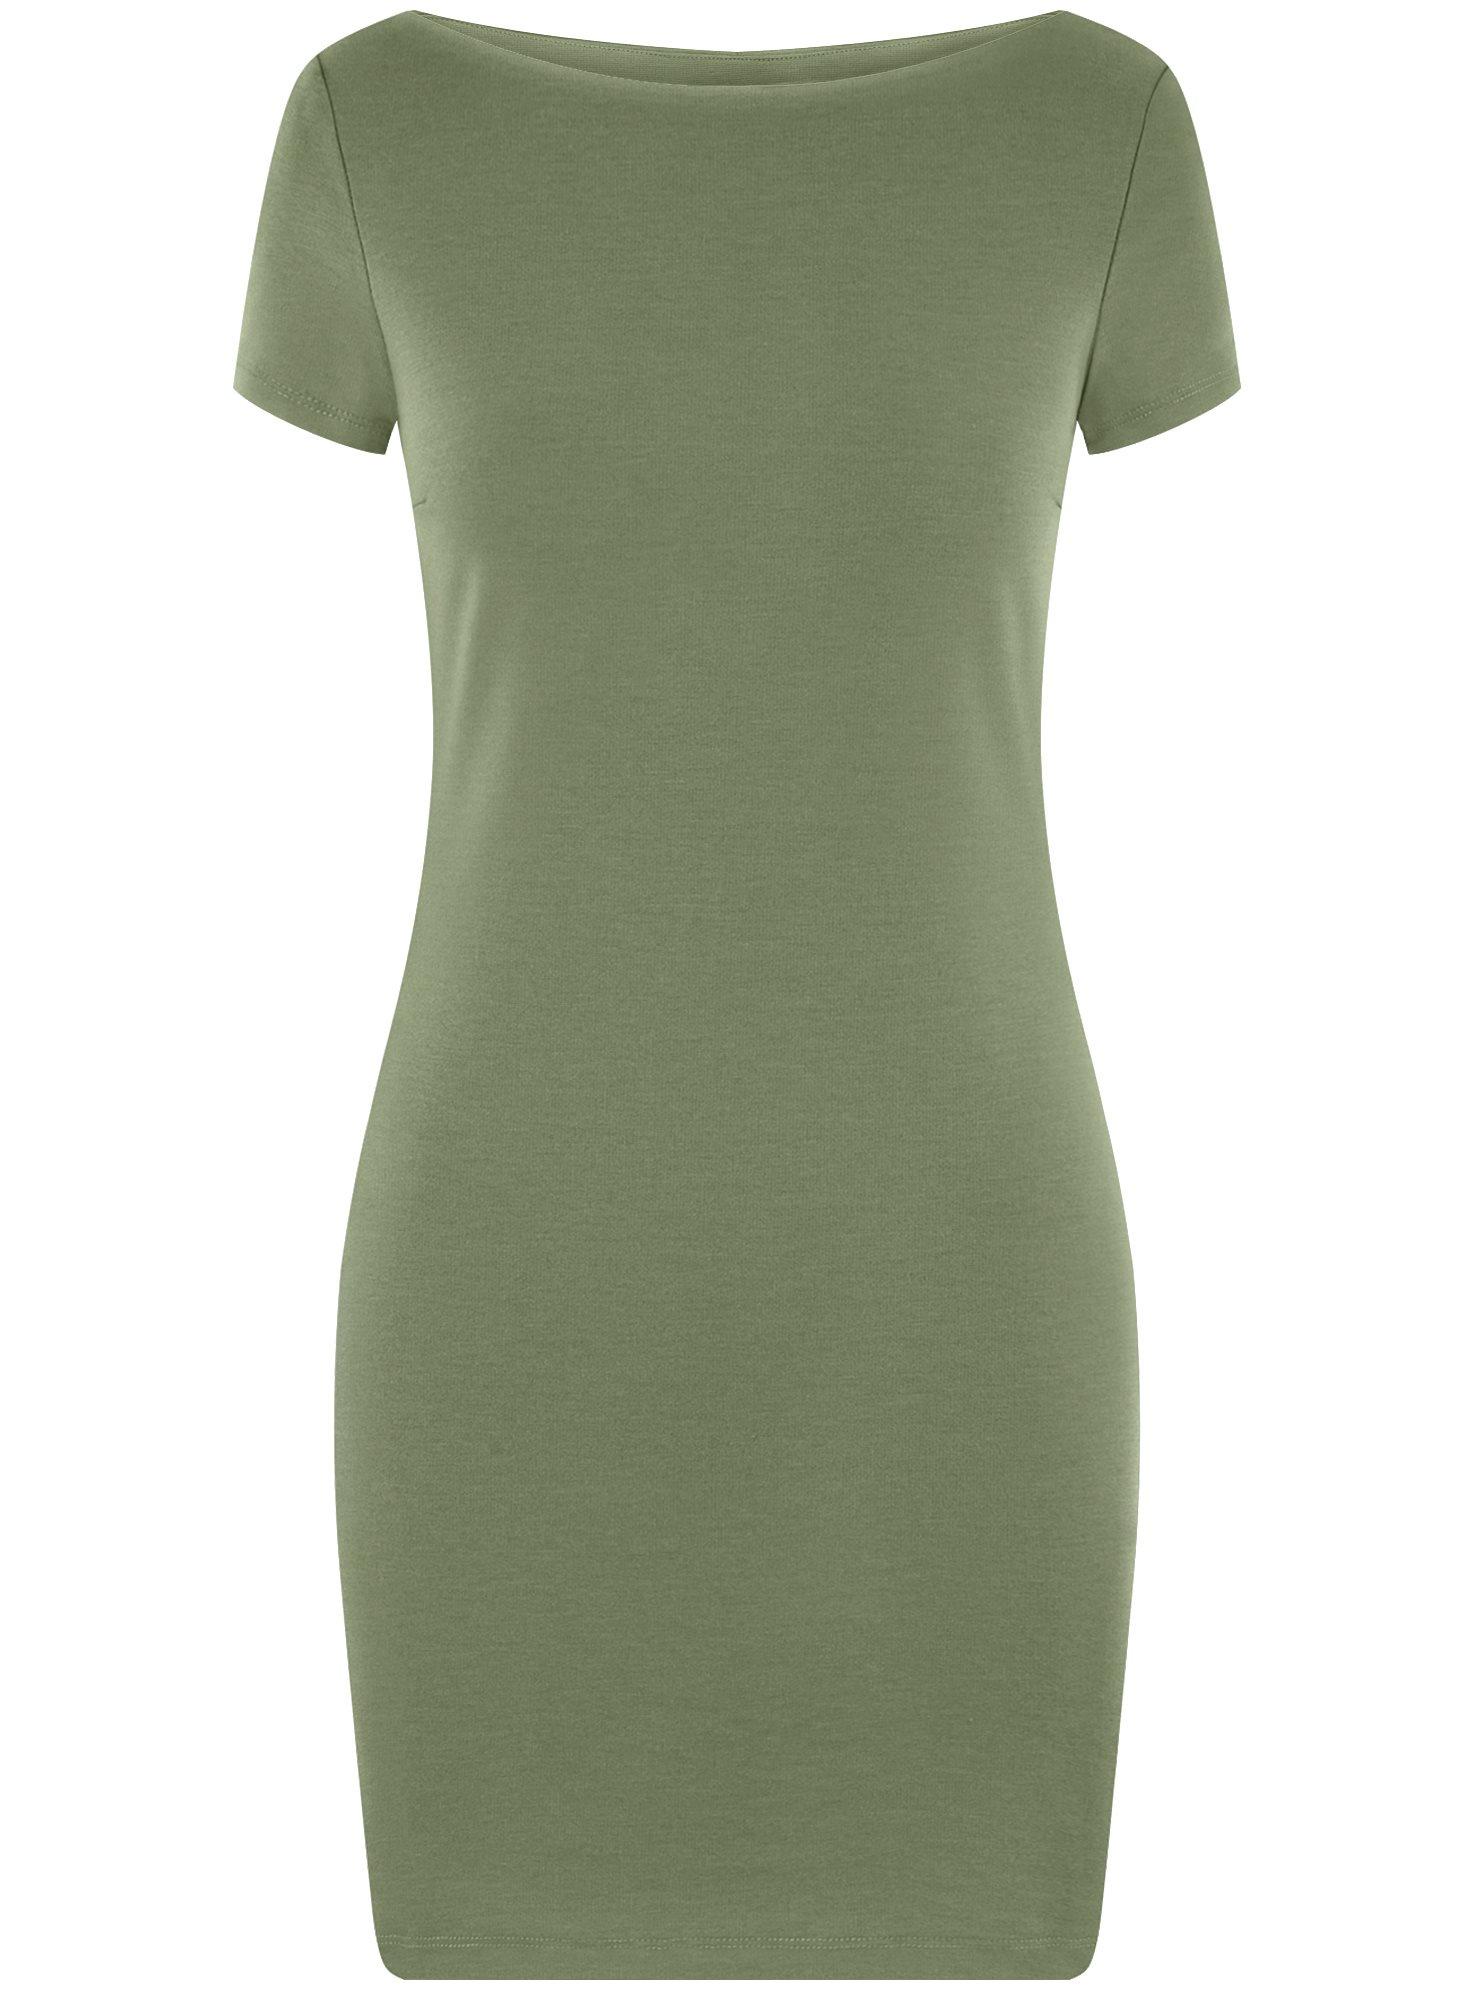 Платье трикотажное с вырезом-лодочкой oodji для женщины (зеленый), 14001117-2B/16564/6200N